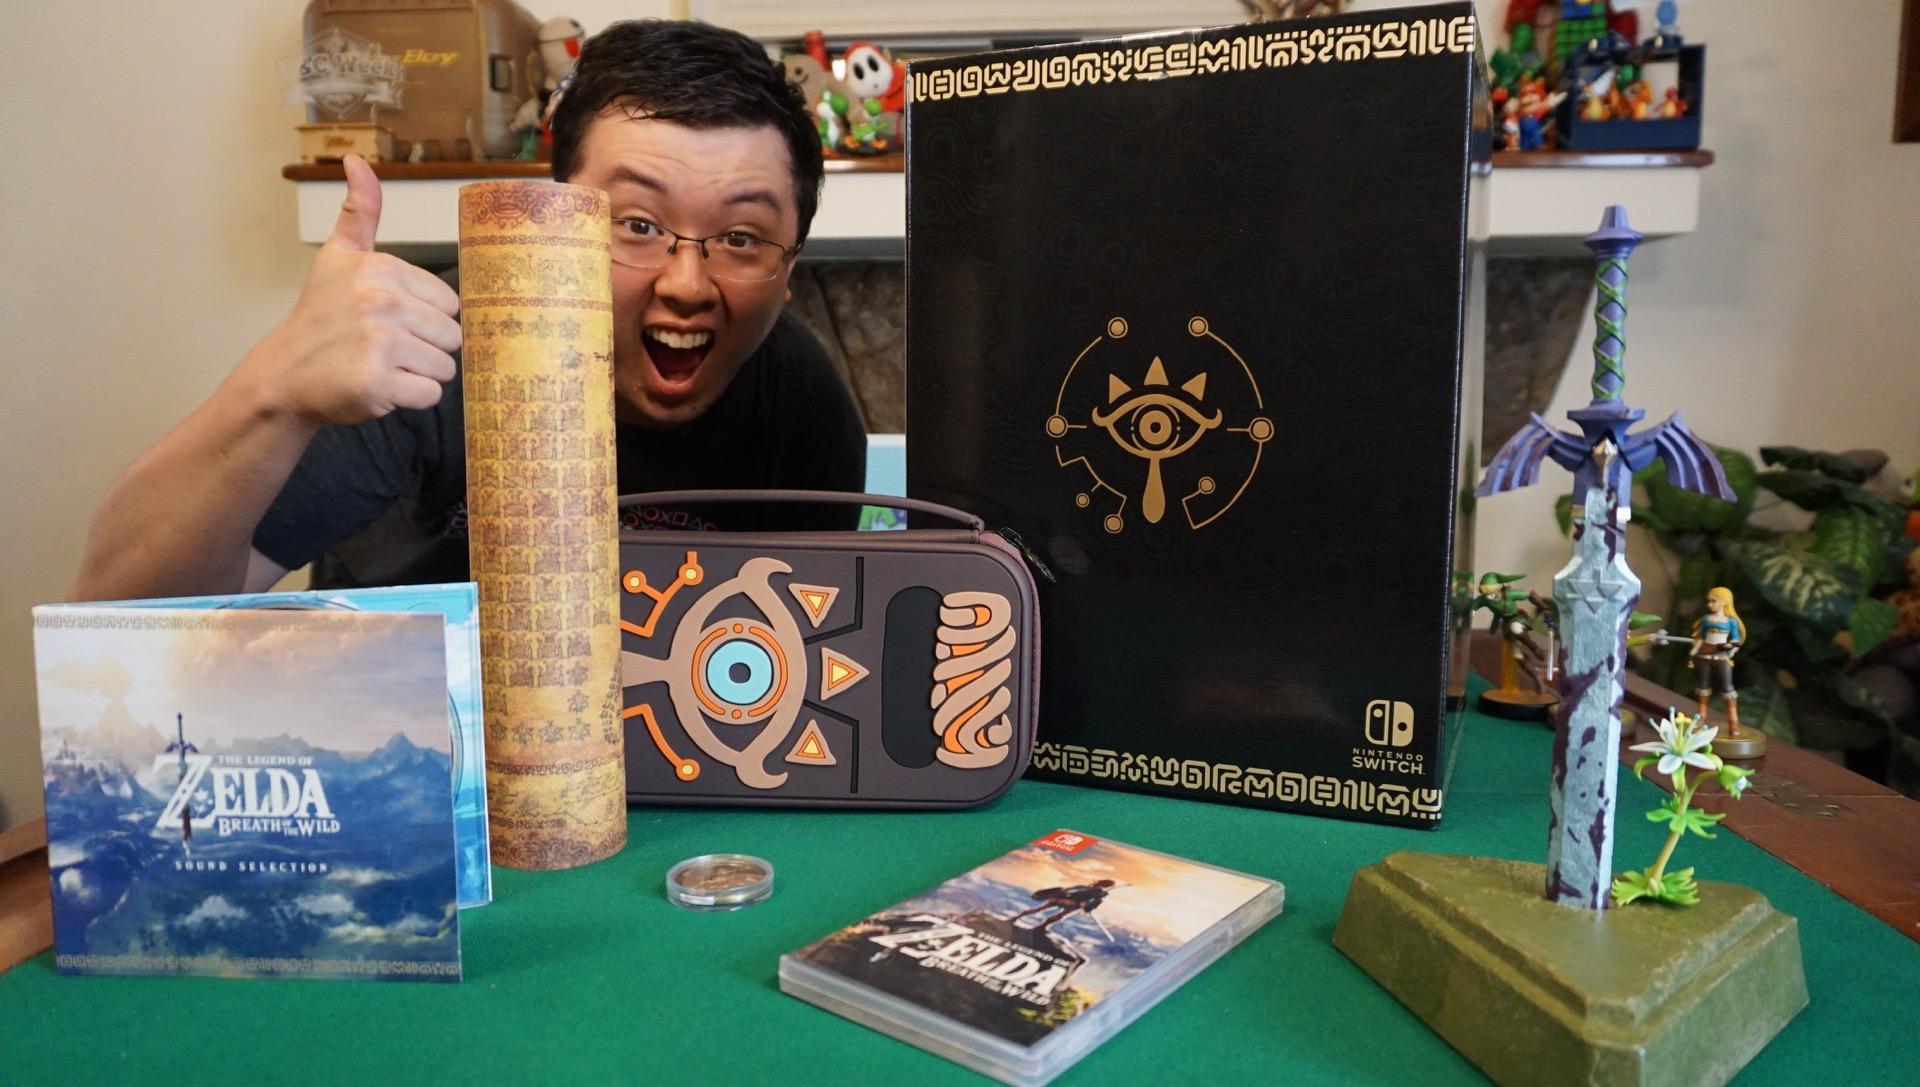 Zelda amiibo unboxing master edition26